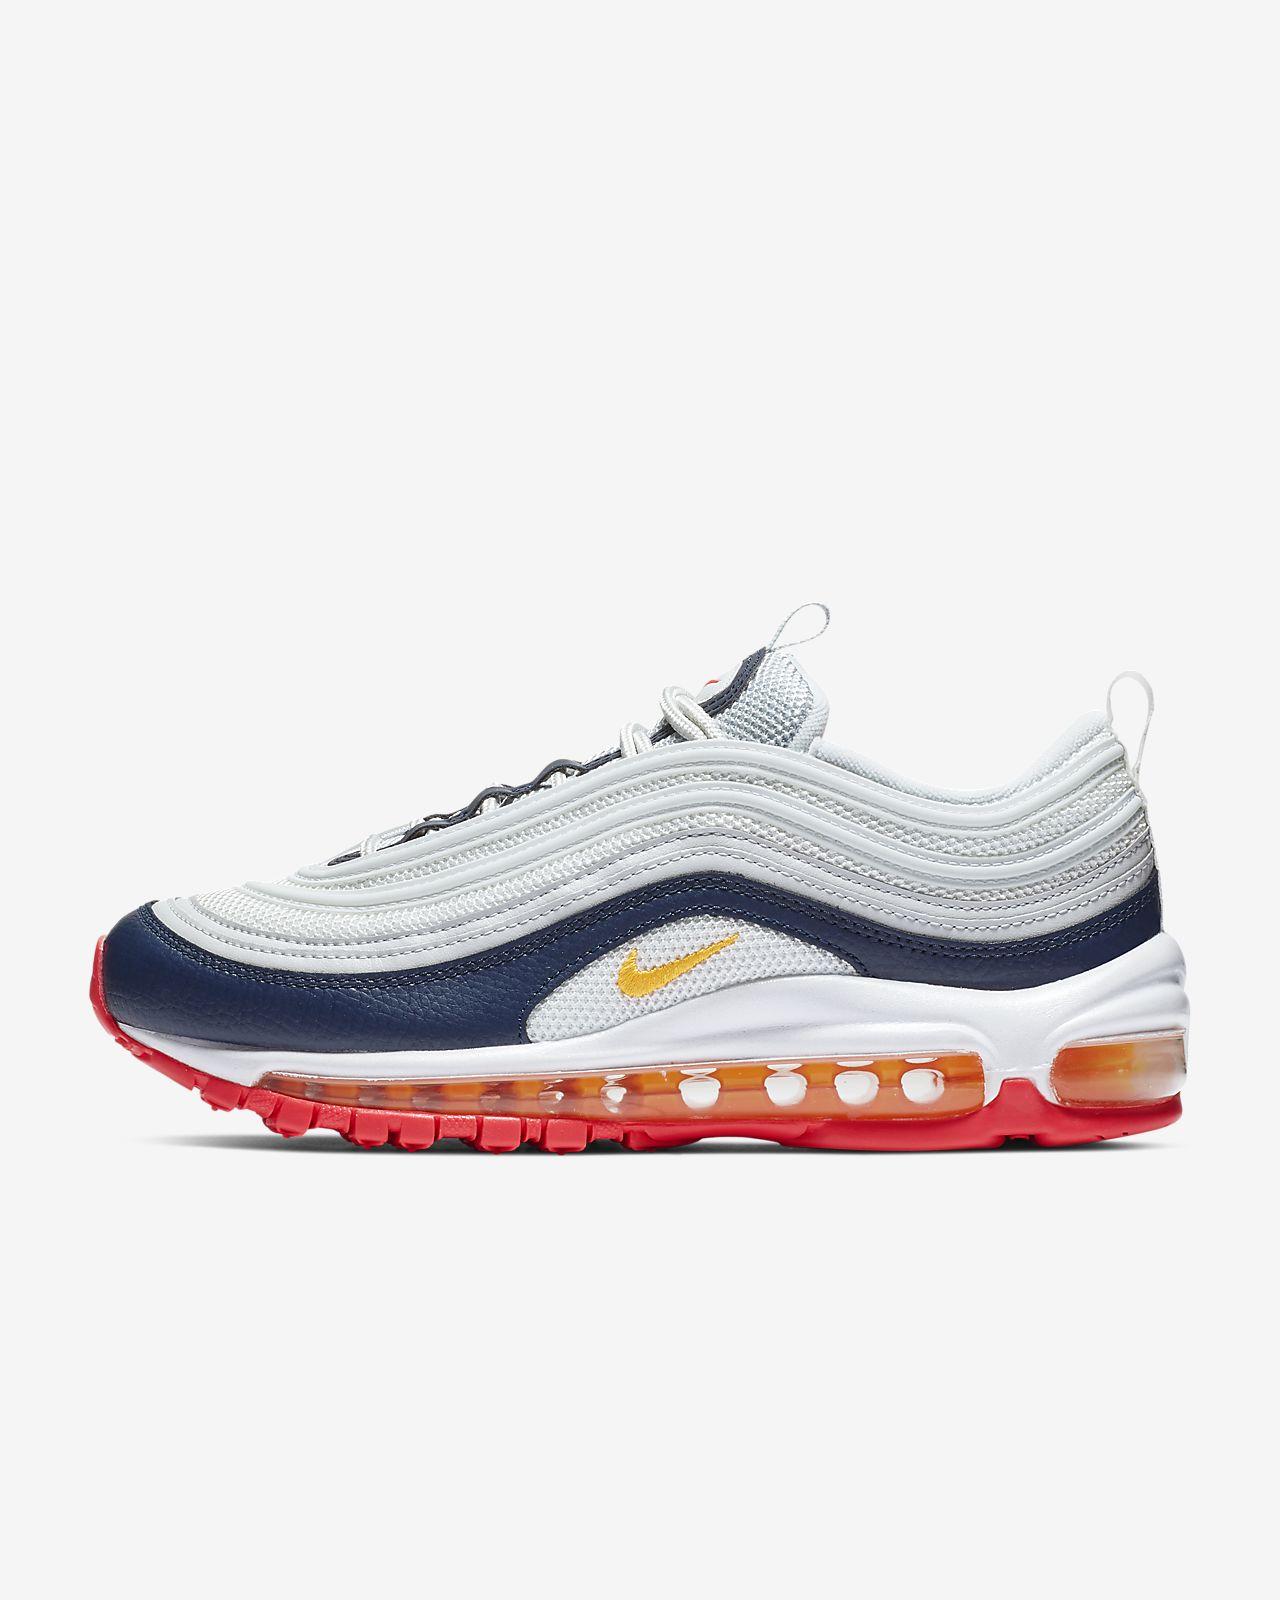 online store 786e9 3a26a ... Chaussure Nike Air Max 97 Premium pour Femme